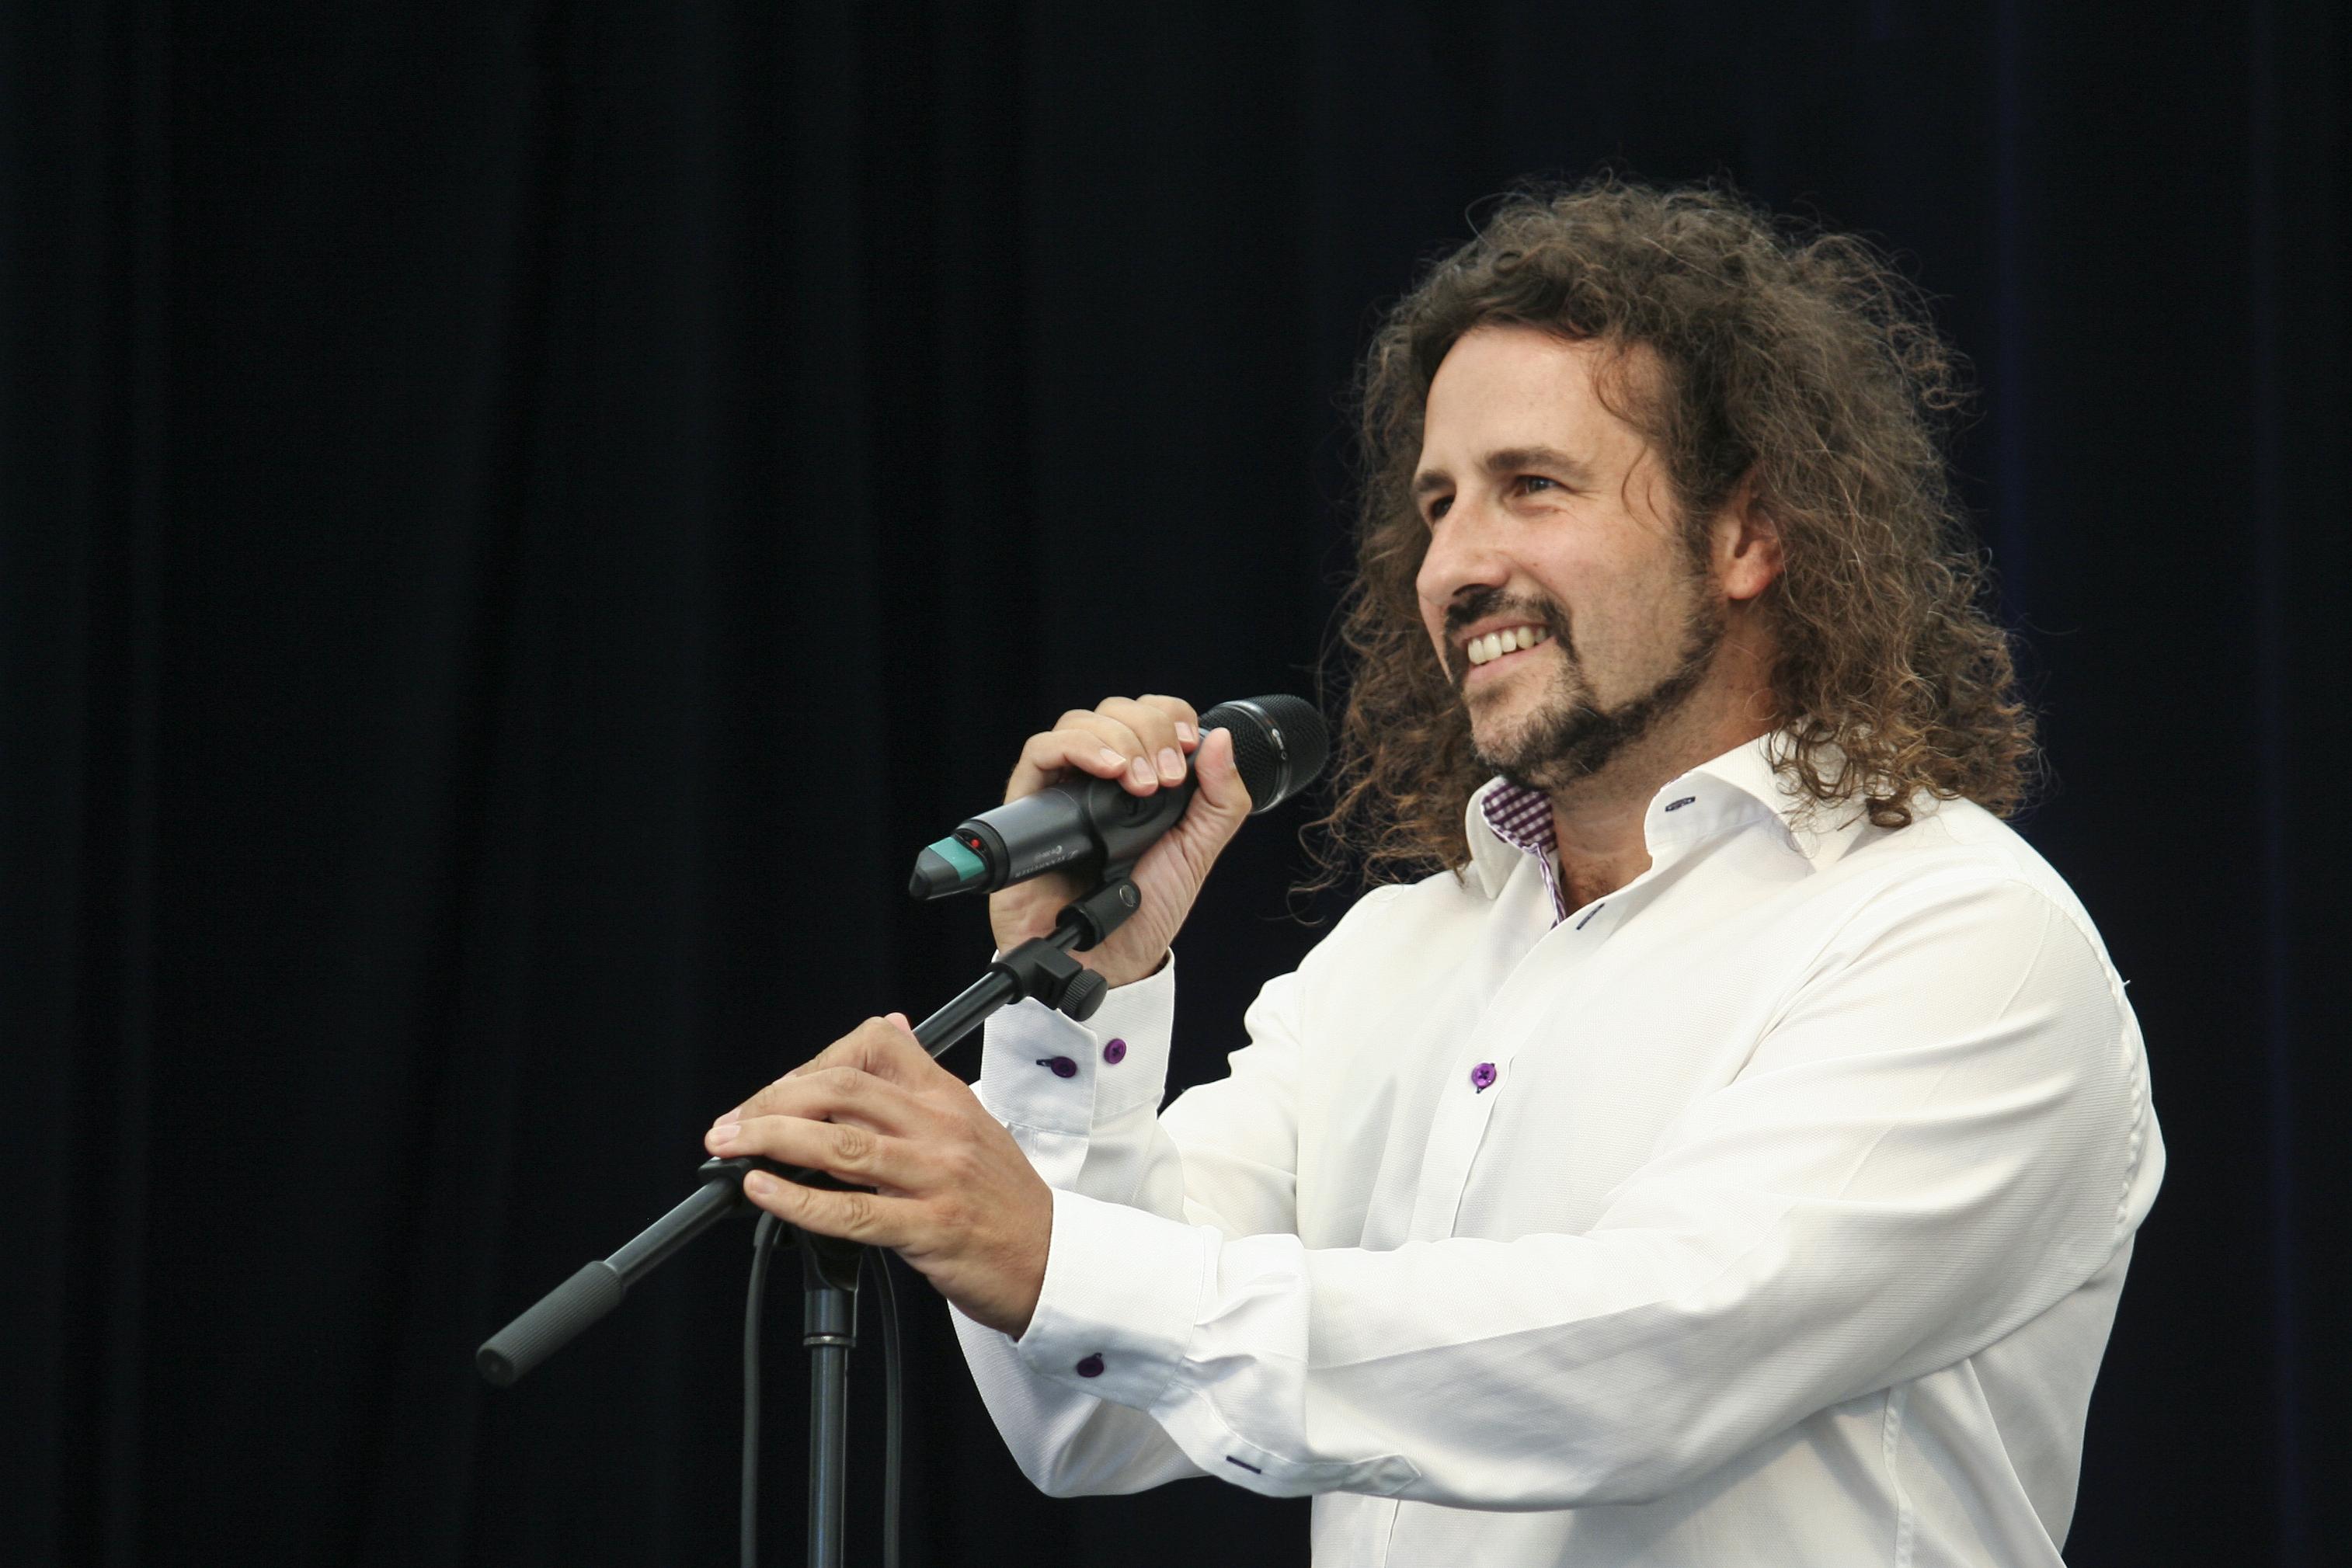 Аргентинец  Мартин Альварадо споет в вологодской филармонии